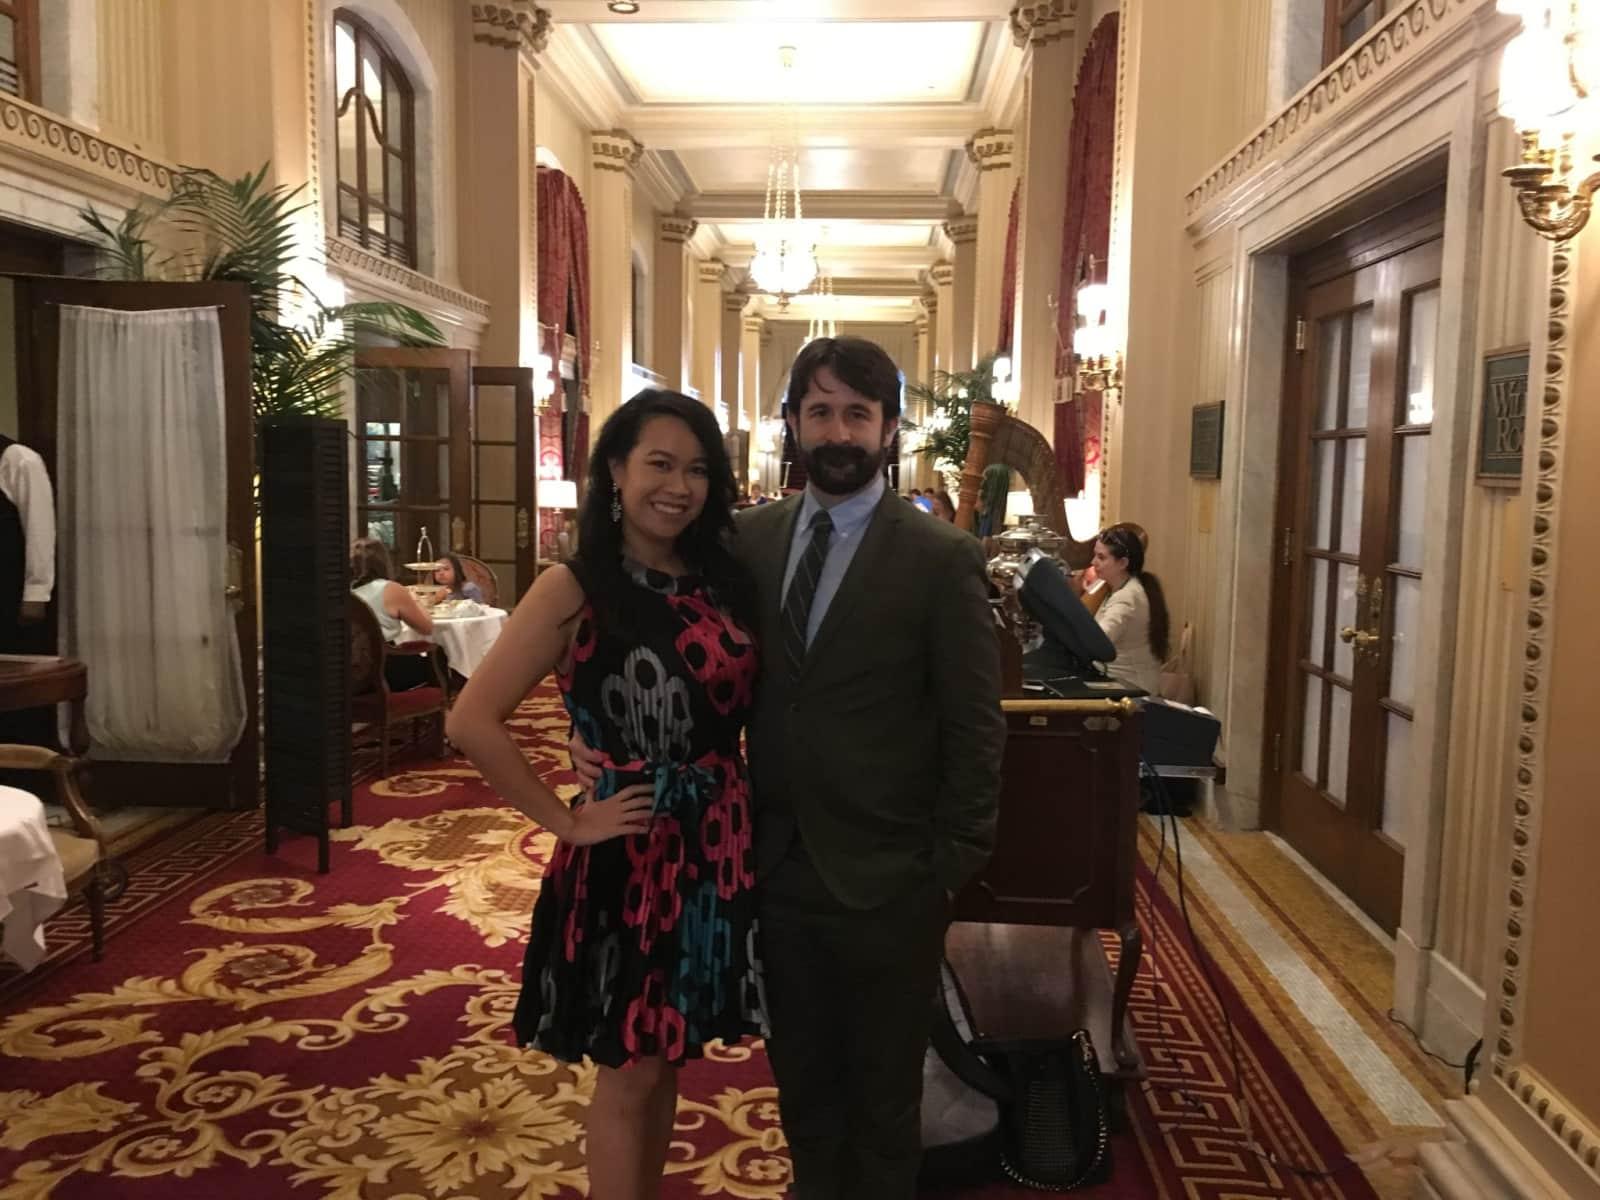 Christina & Jonathan from Washington, D.C., Washington, D.C., United States